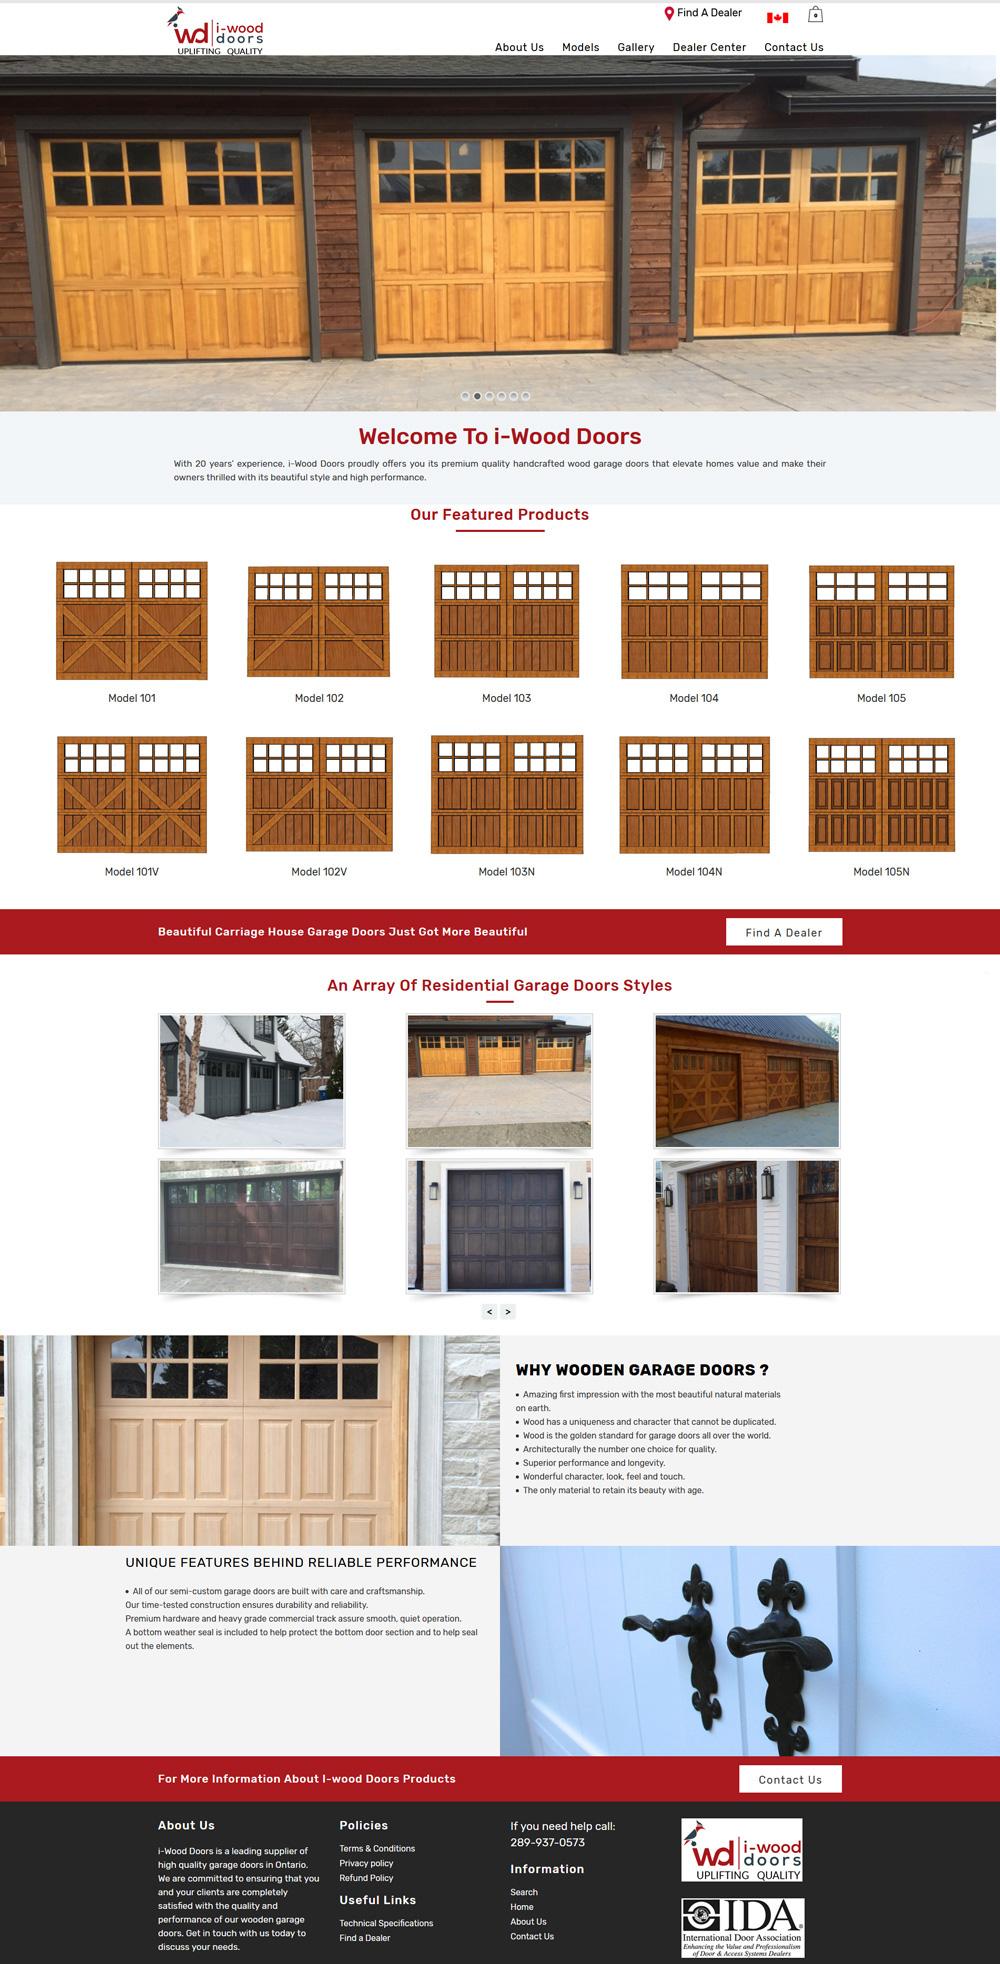 ECommerce Web Design Markham